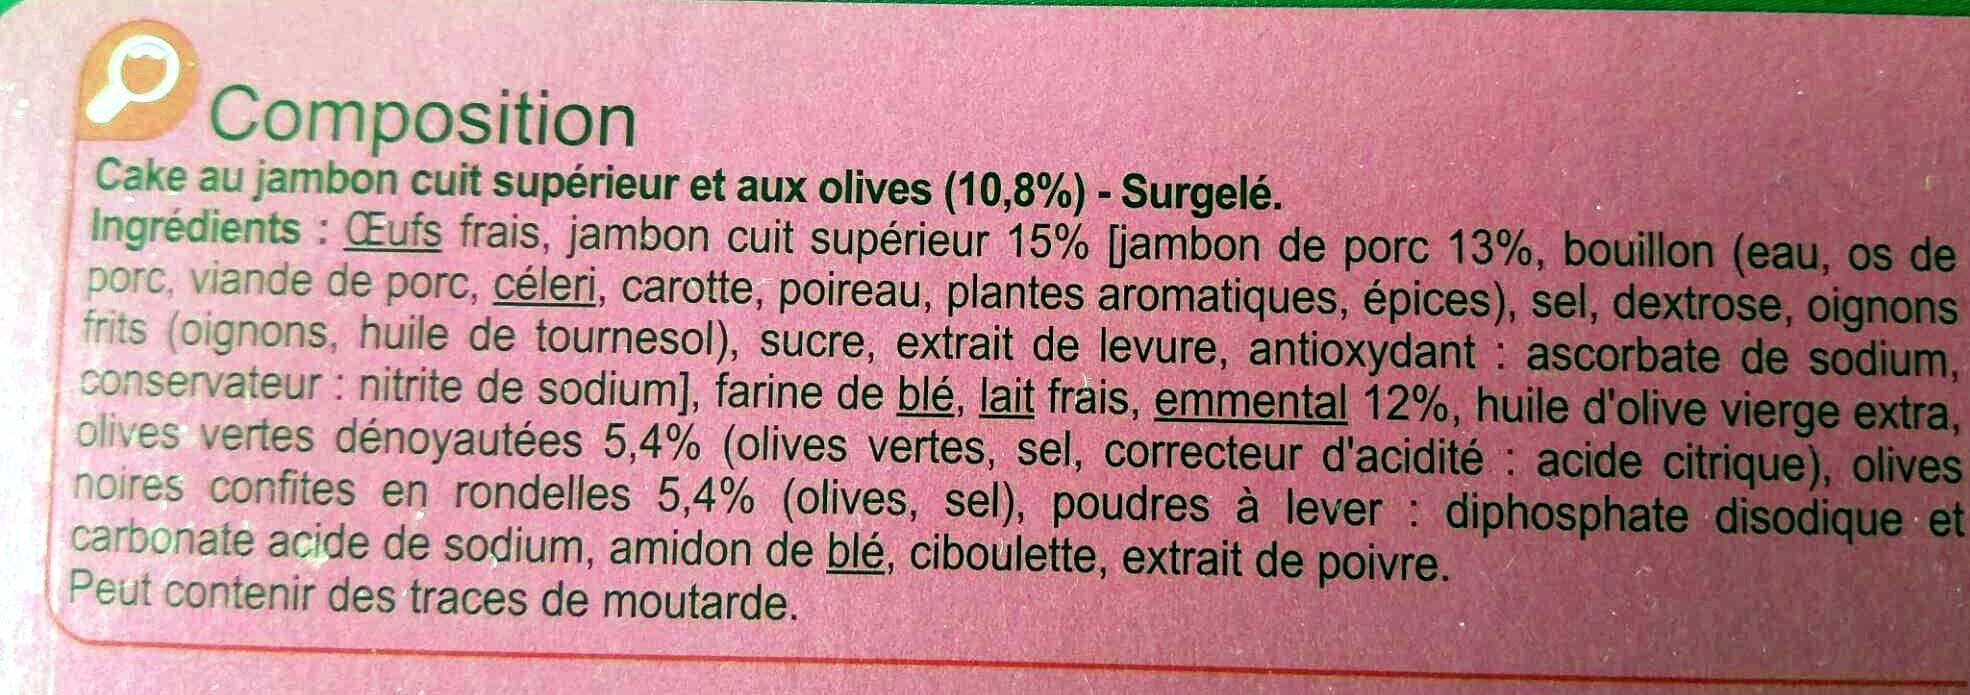 Cake Jambon, Emmental, Olives vertes et noires - Ingrédients